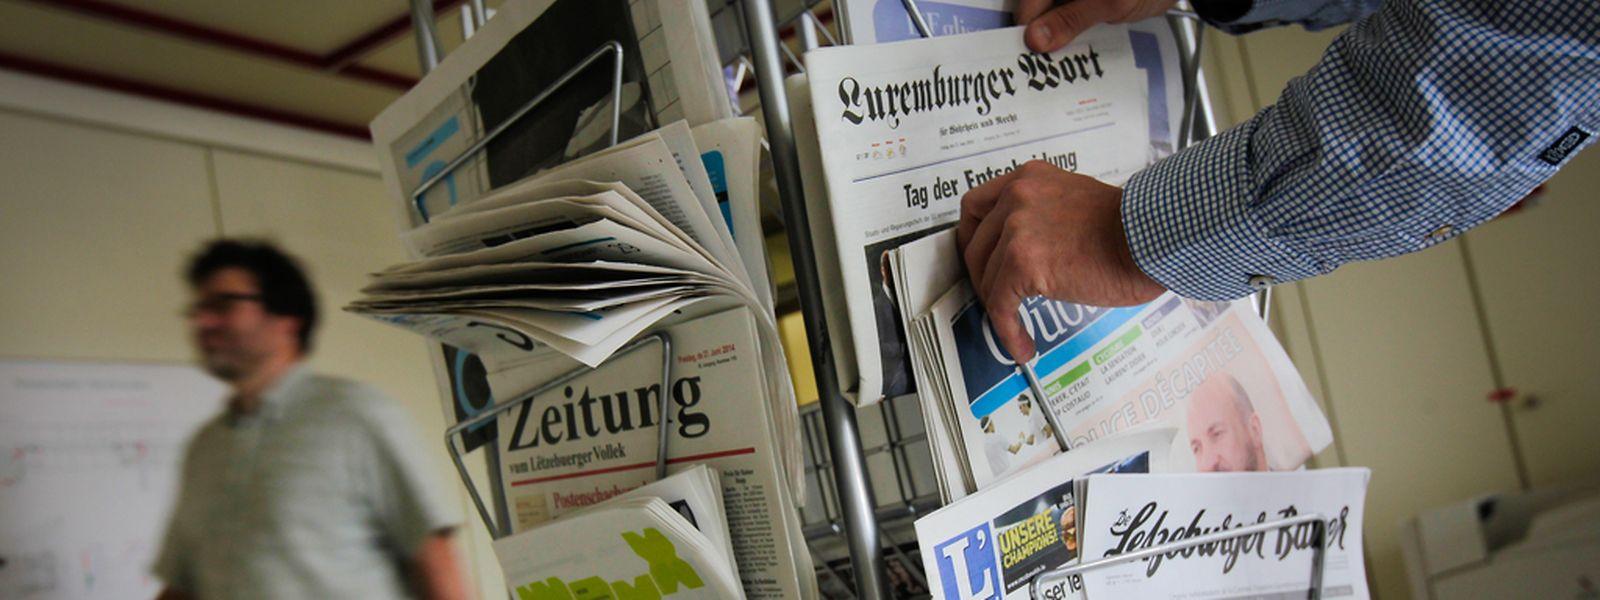 Zentrales Thema heute in der Tagespresse ist der Artuso-Bericht zur Kollaboration der luxemburgischen Behörden währen dem Zweiten Weltkrieg.